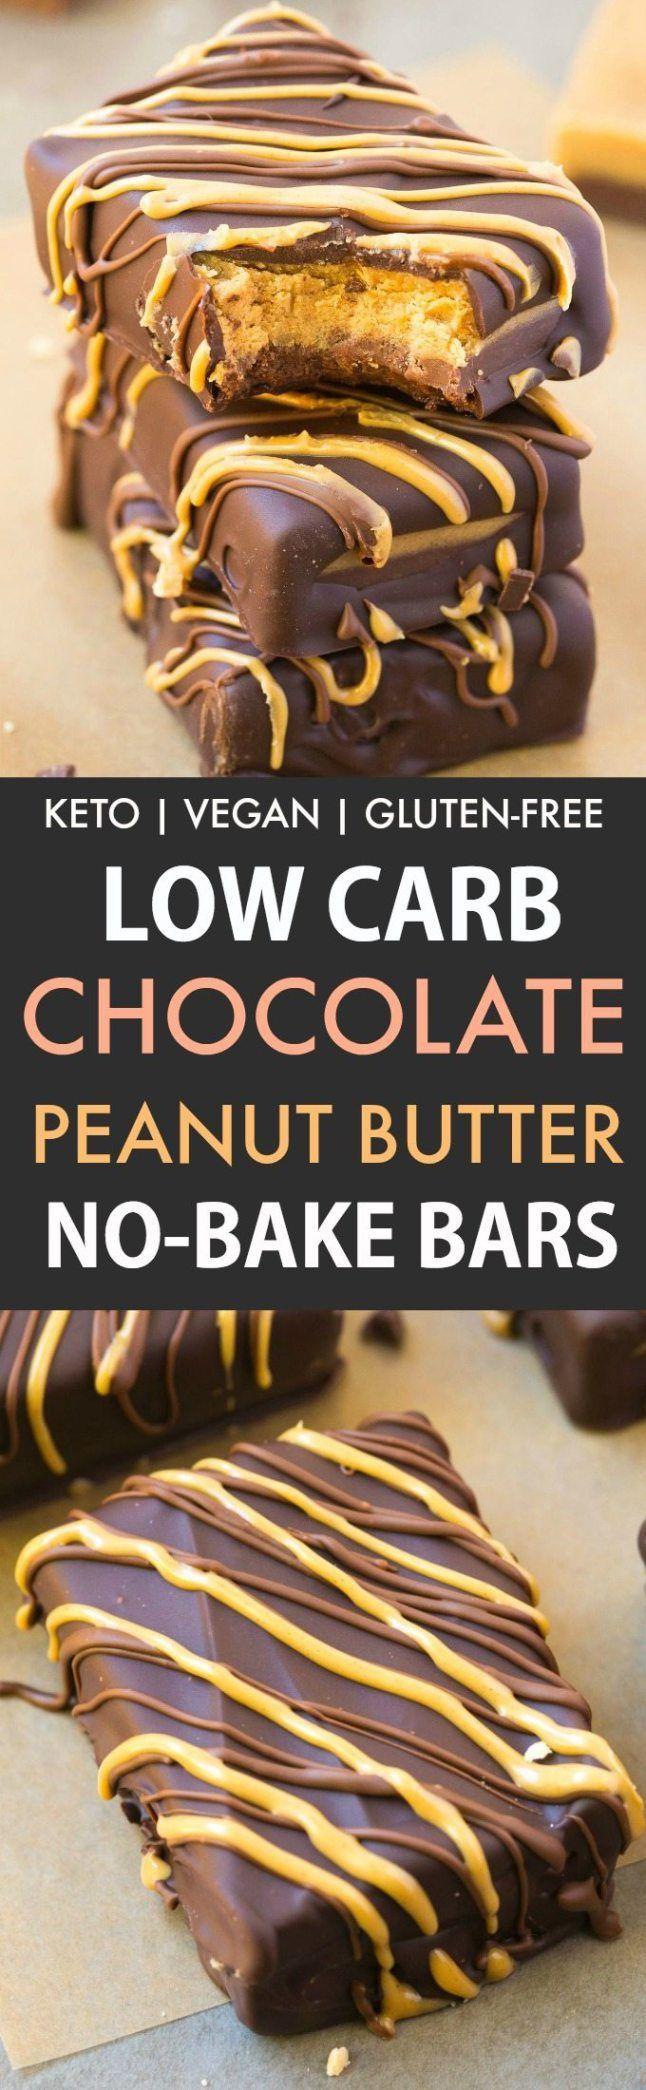 Barrette di burro di arachidi al cioccolato a basso contenuto di carboidrati (Keto, vegan, senza zucchero, senza glutine …